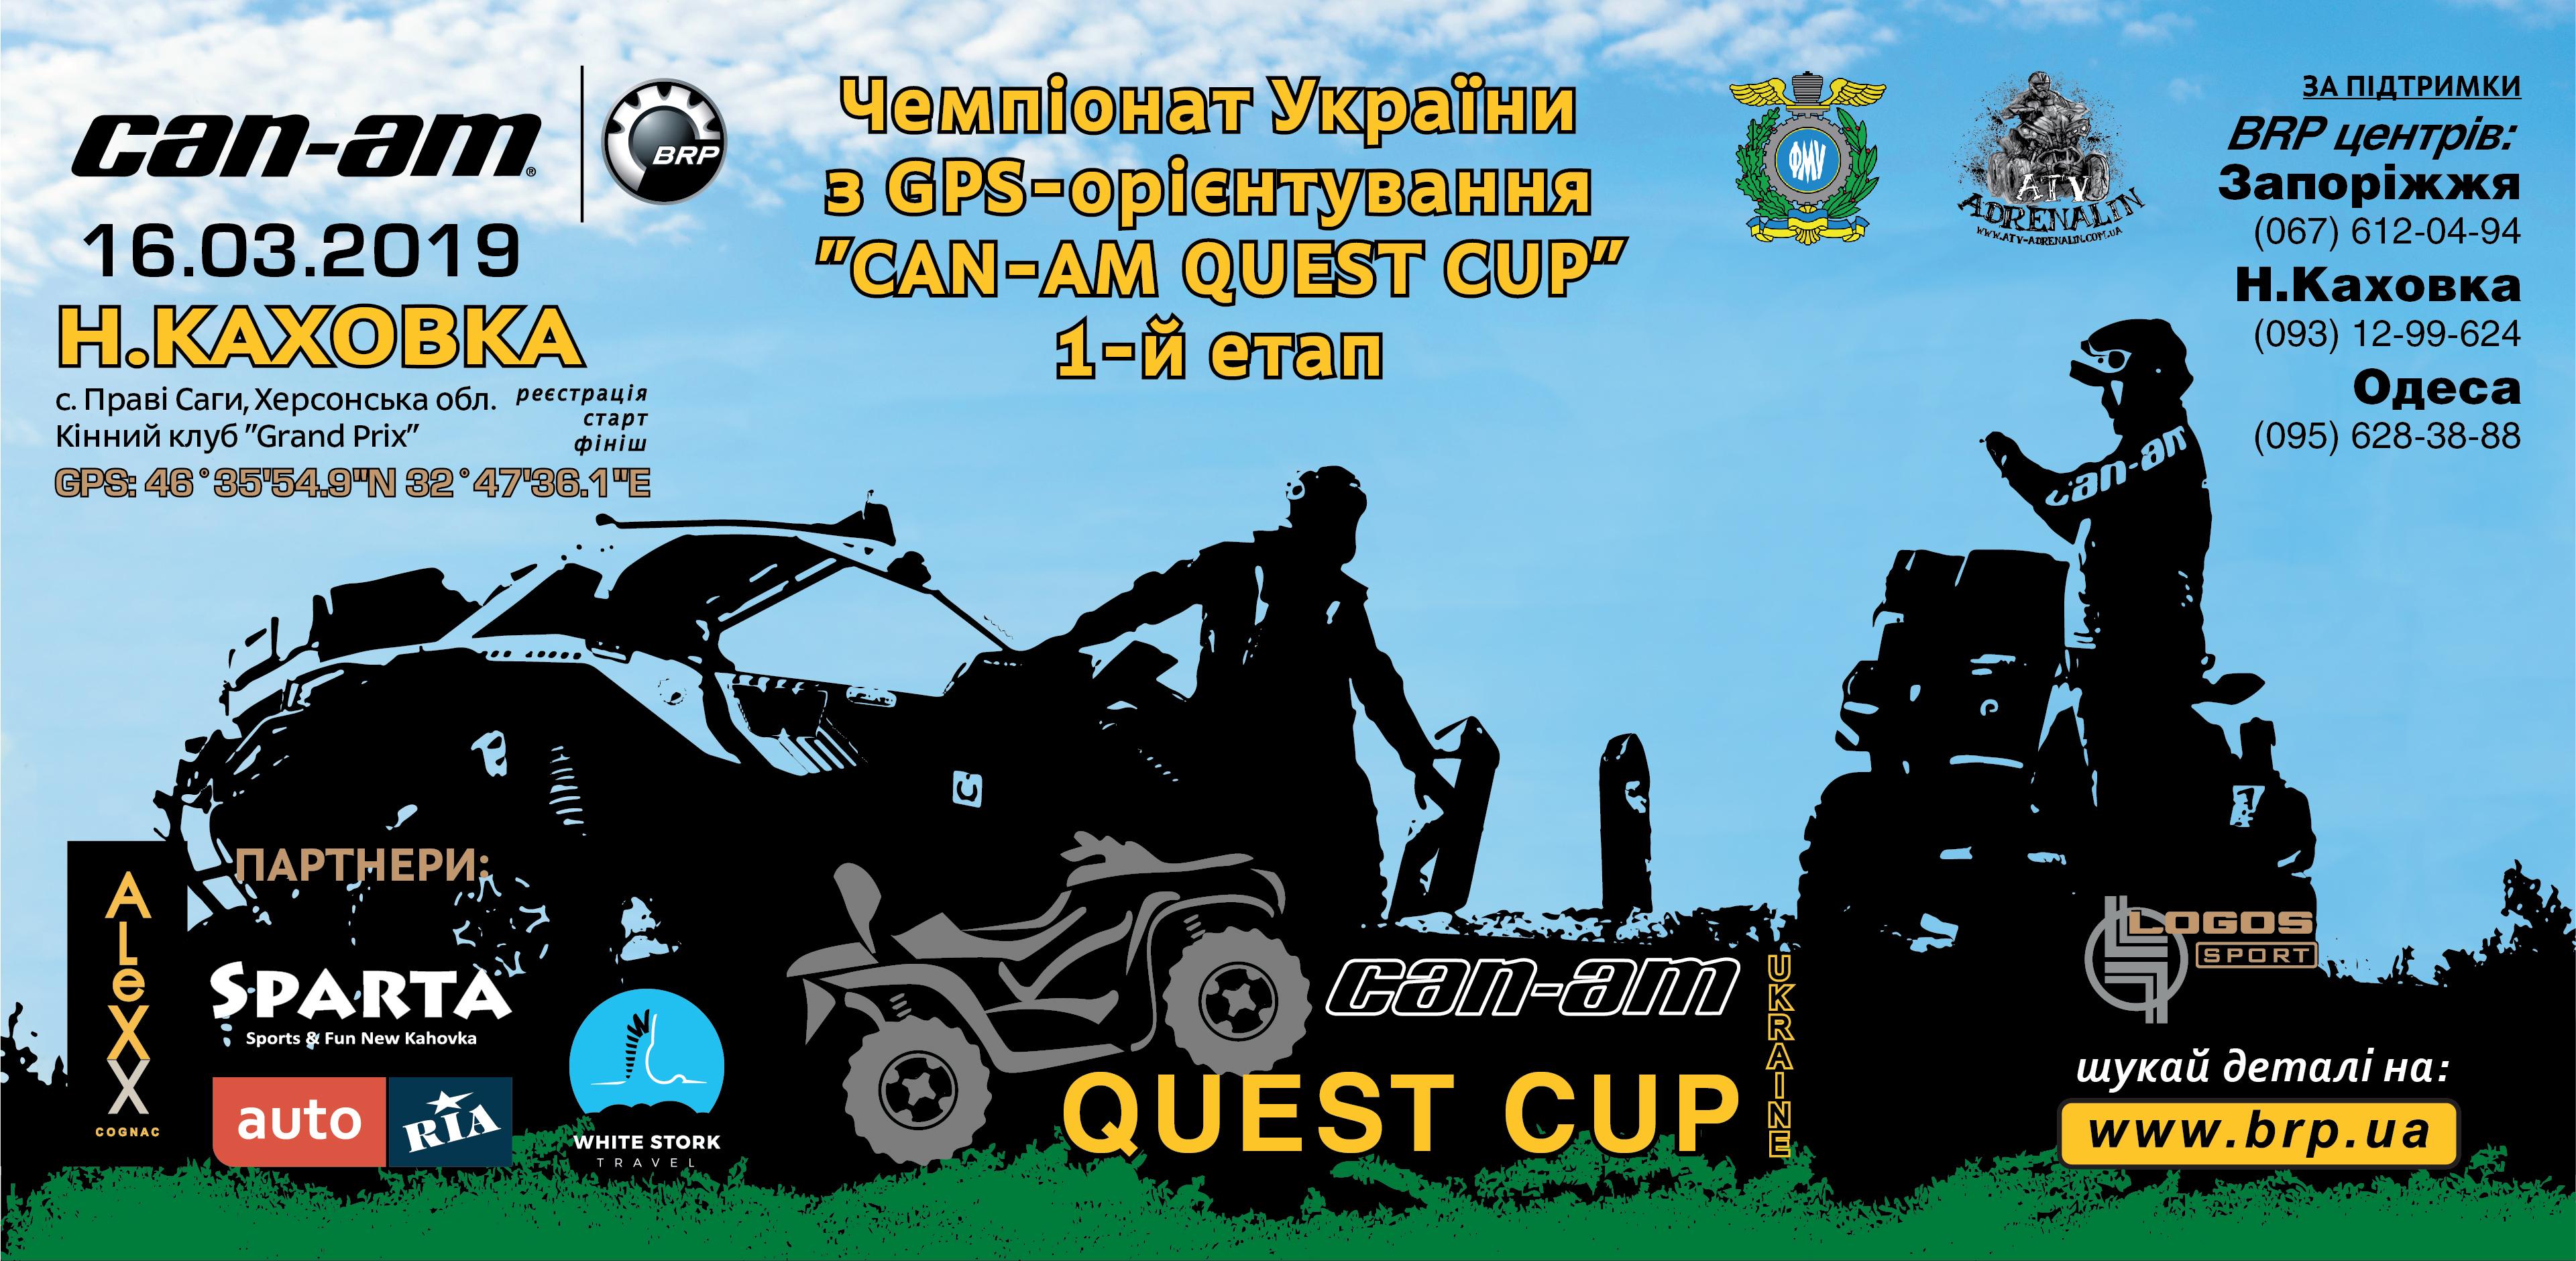 2019.03.16 – 1-й этап Чемпионата Украины 2019 по GPS-ориентированию «Can-Am Quest Cup»!